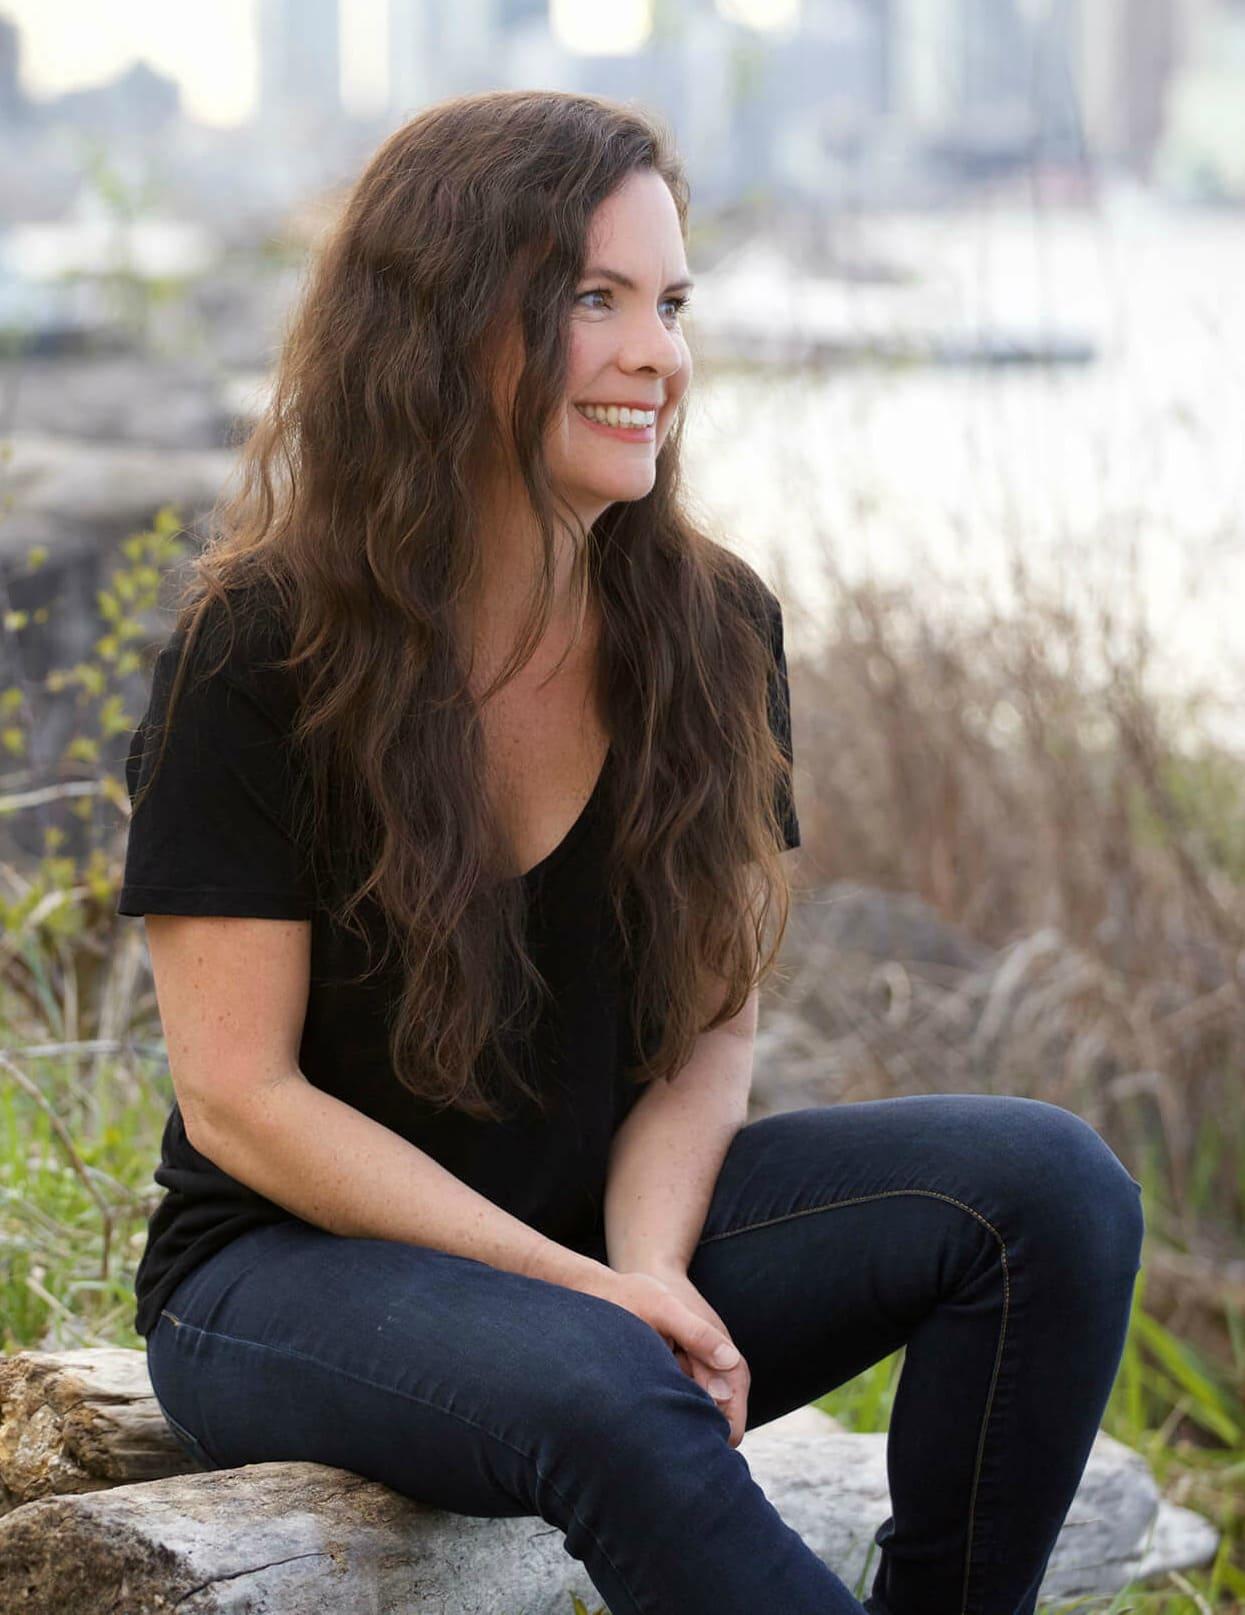 parenting coach Sarah Rosensweet